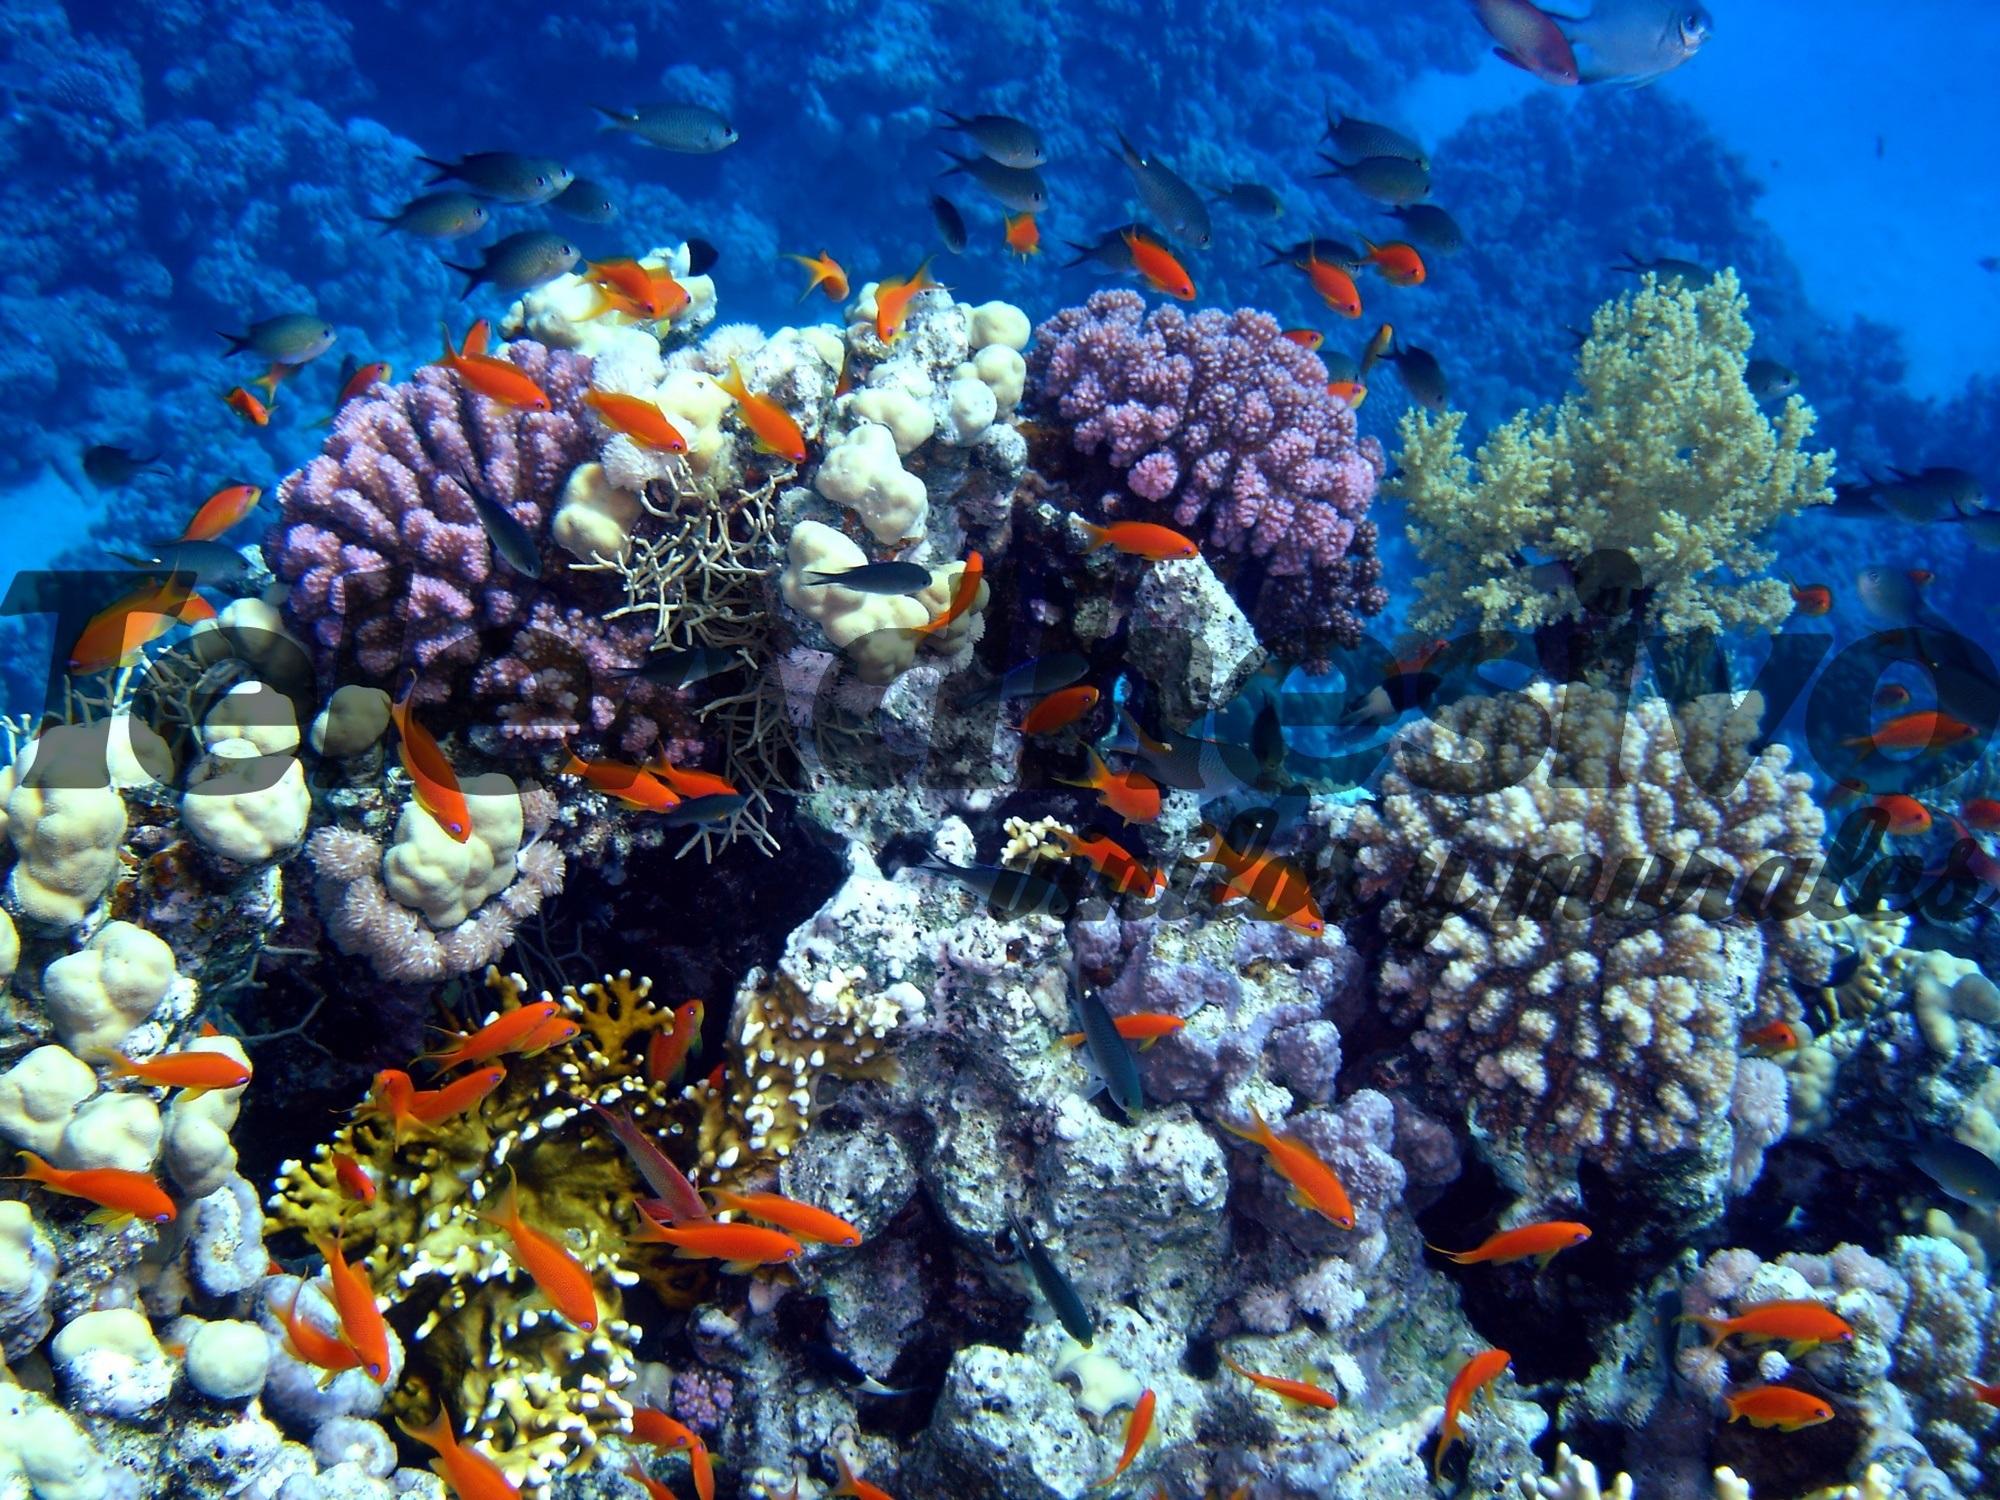 Schwimmen in den Korallen